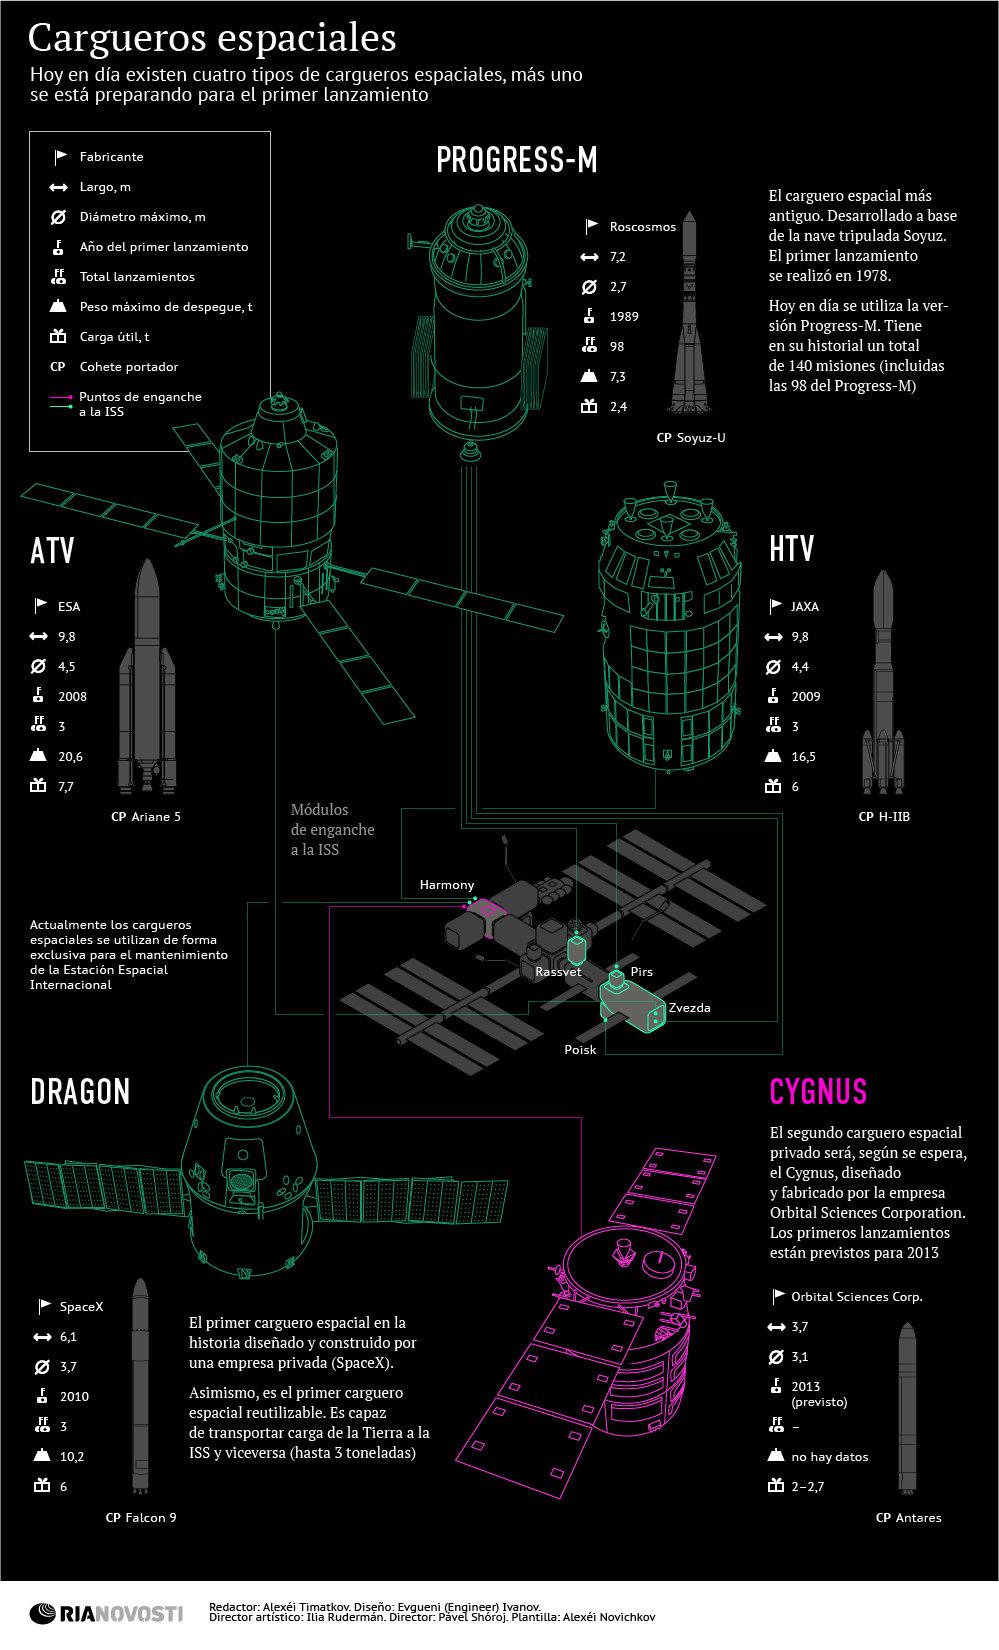 Cargueros espaciales